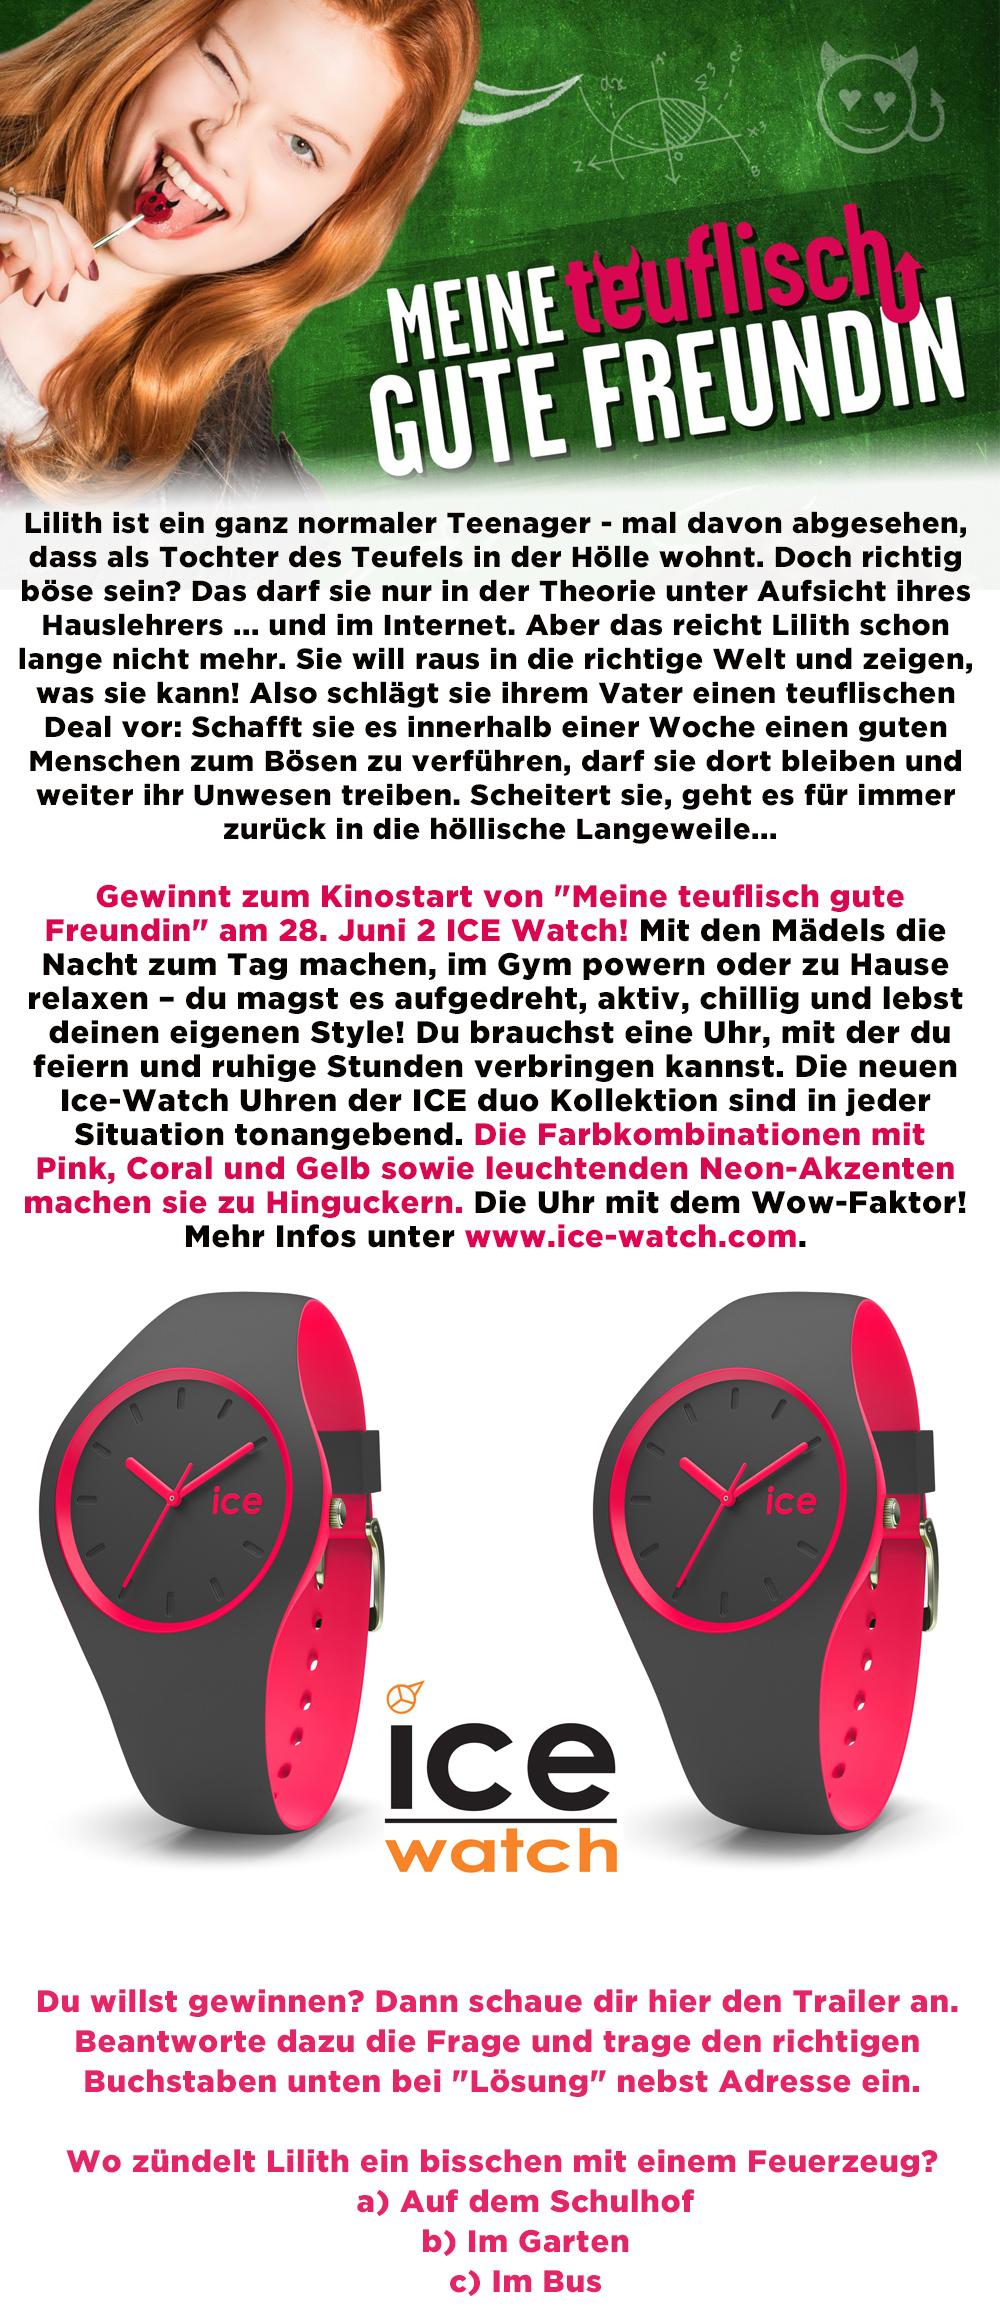 """Bild 1:2 ICE Watch zum Kinostart von """"Meine teuflisch gute Freundin"""" gewinnen"""